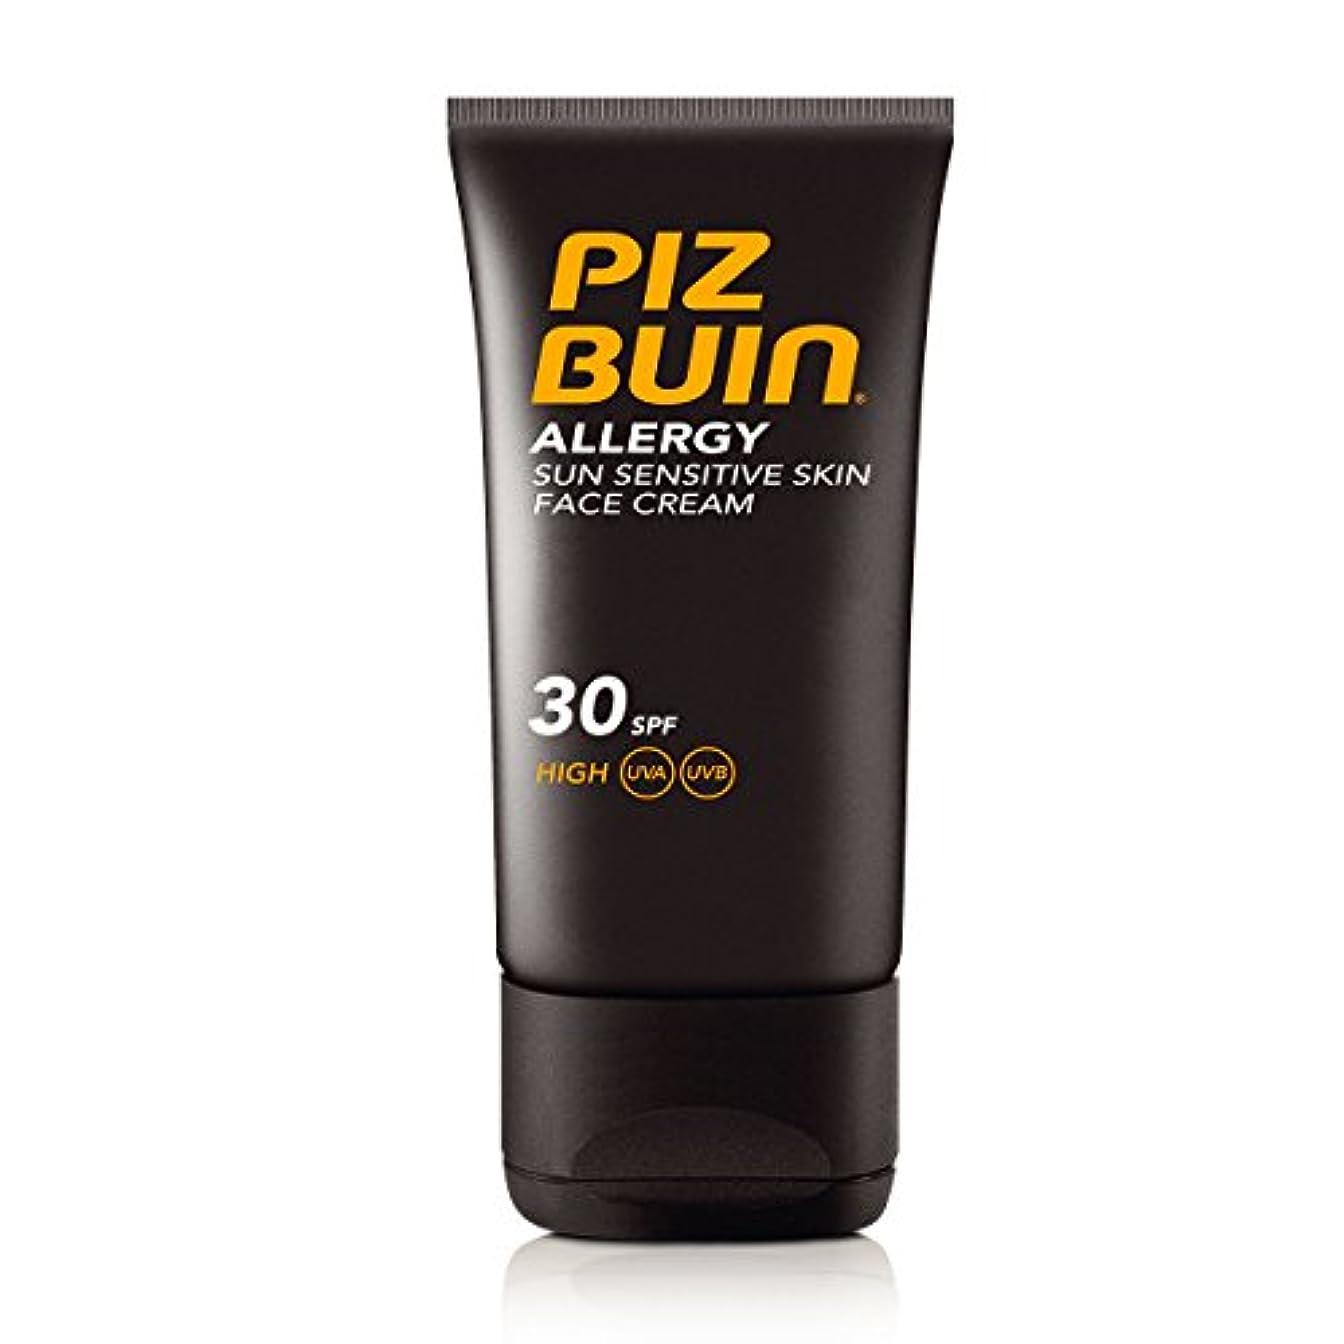 ハードゆりかご非難するPiz Buin Allergy Sensitive Face Spf 30 50ml [並行輸入品]